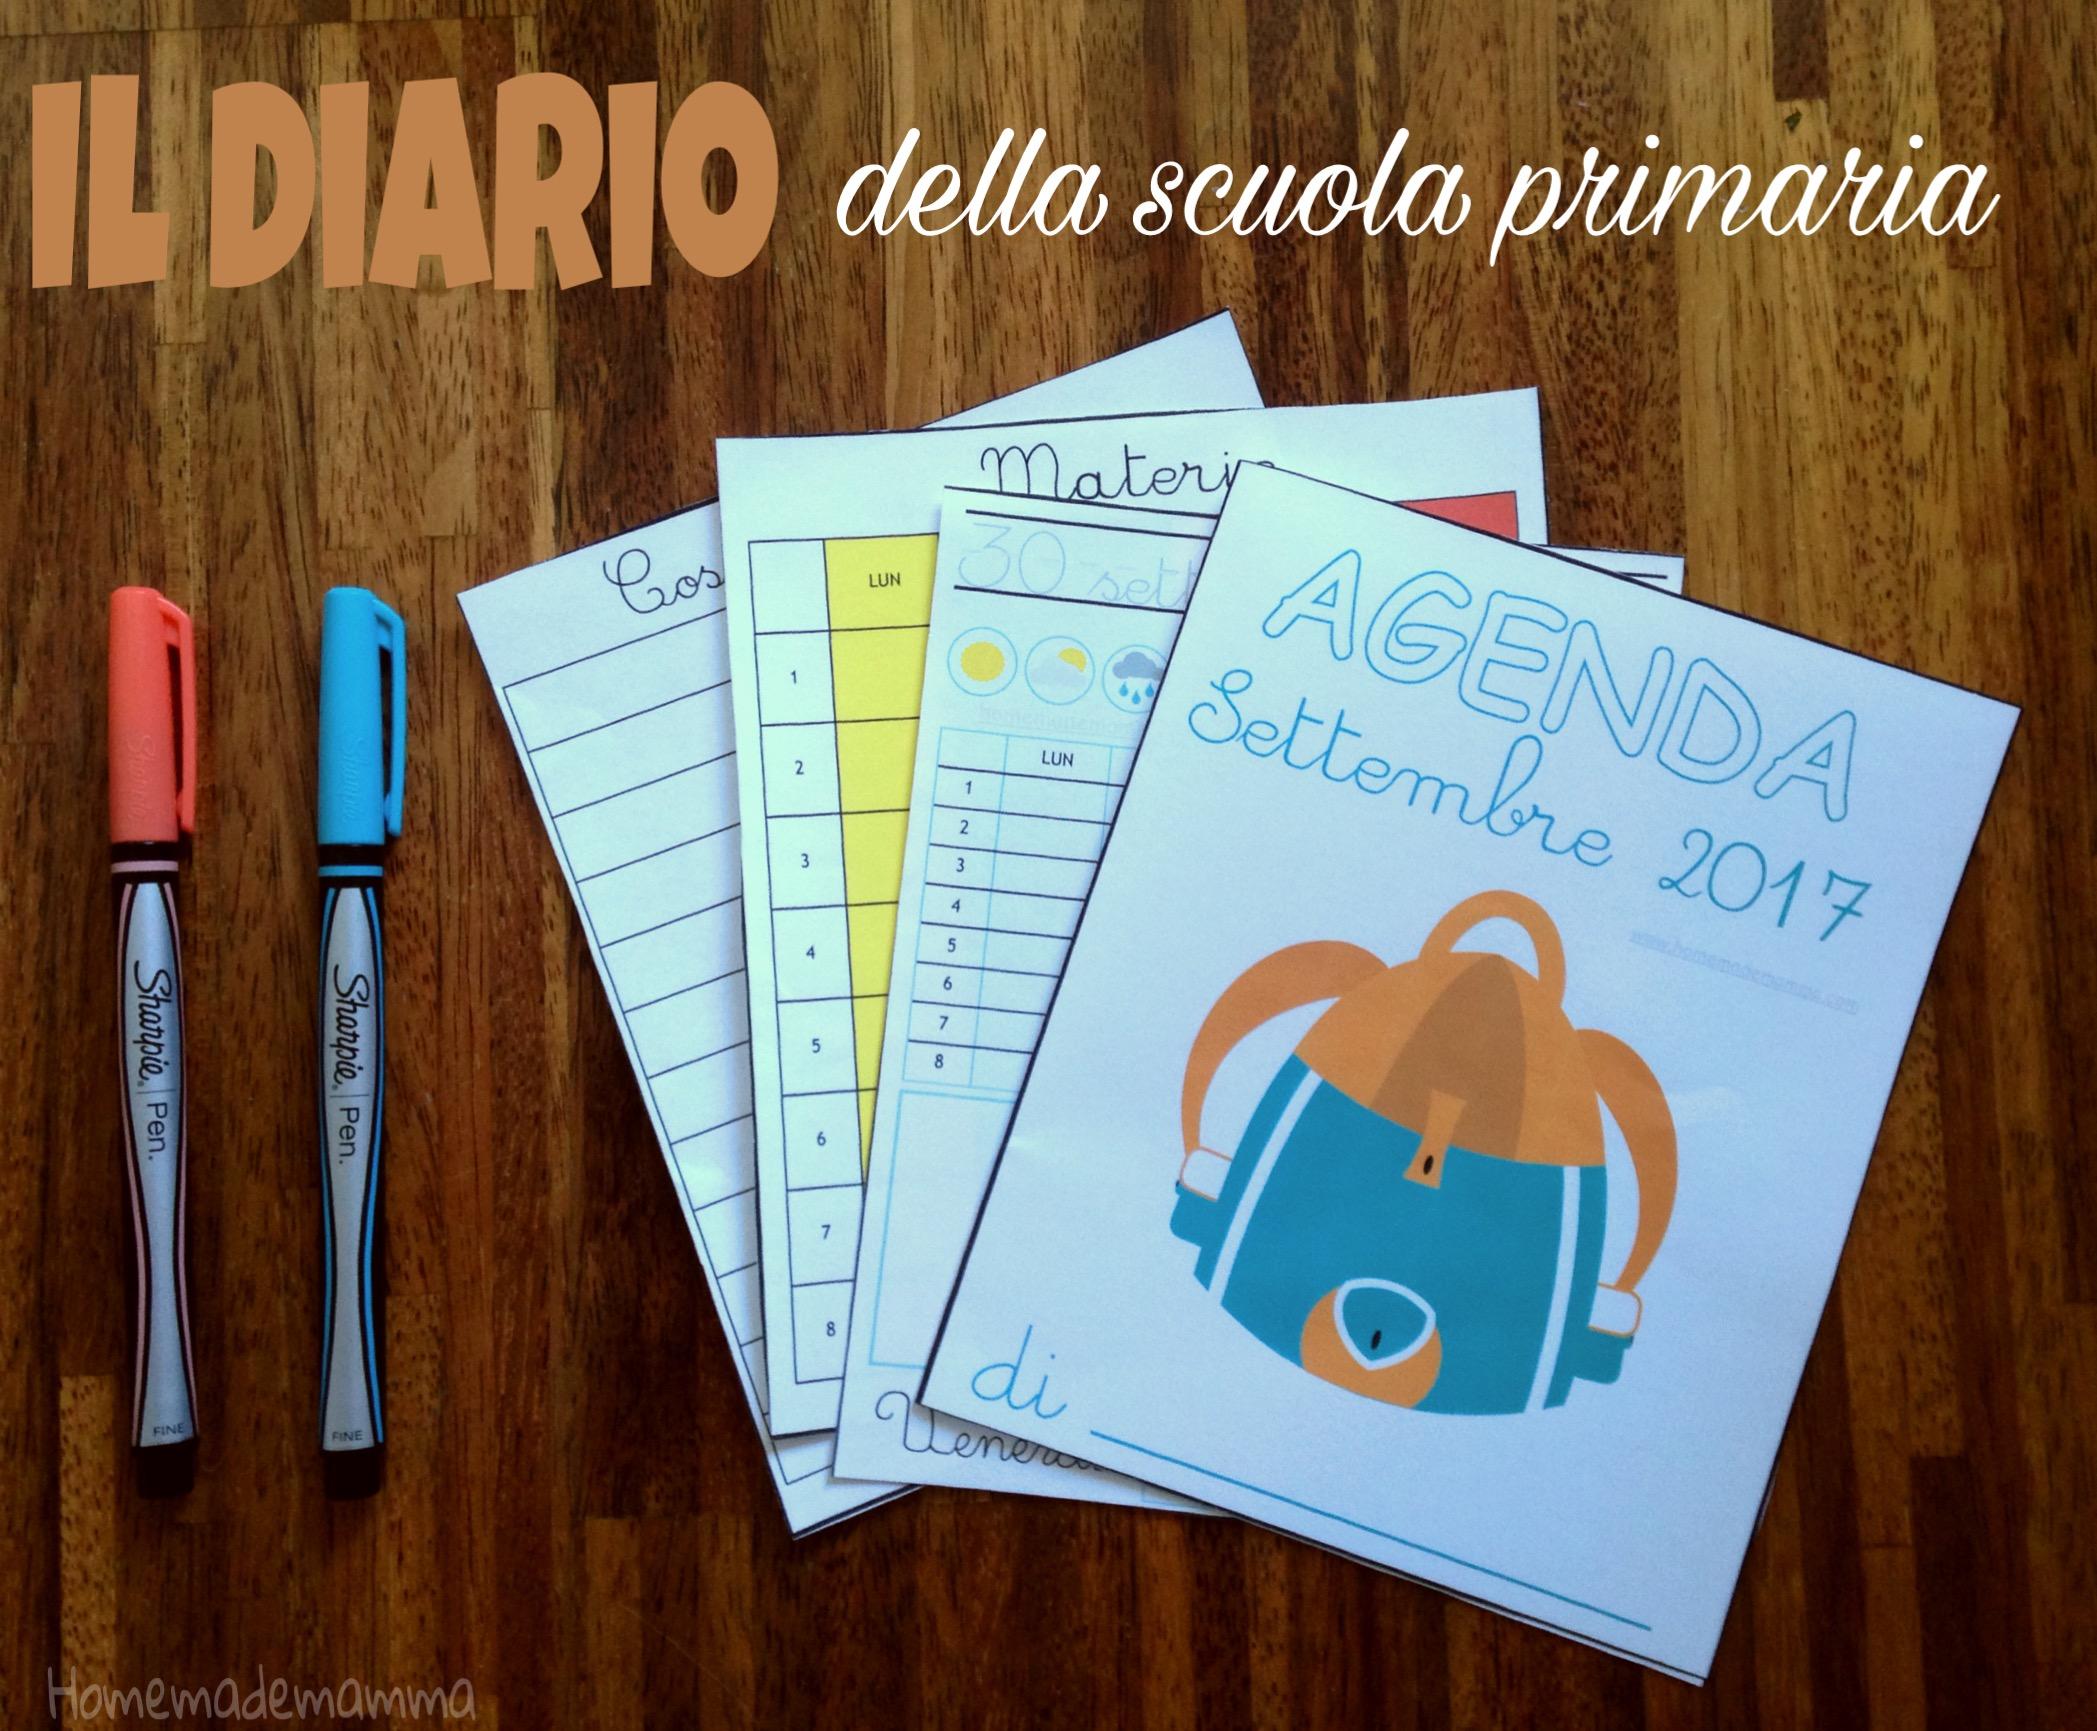 diario settembre 2017 scuola primaria stampare